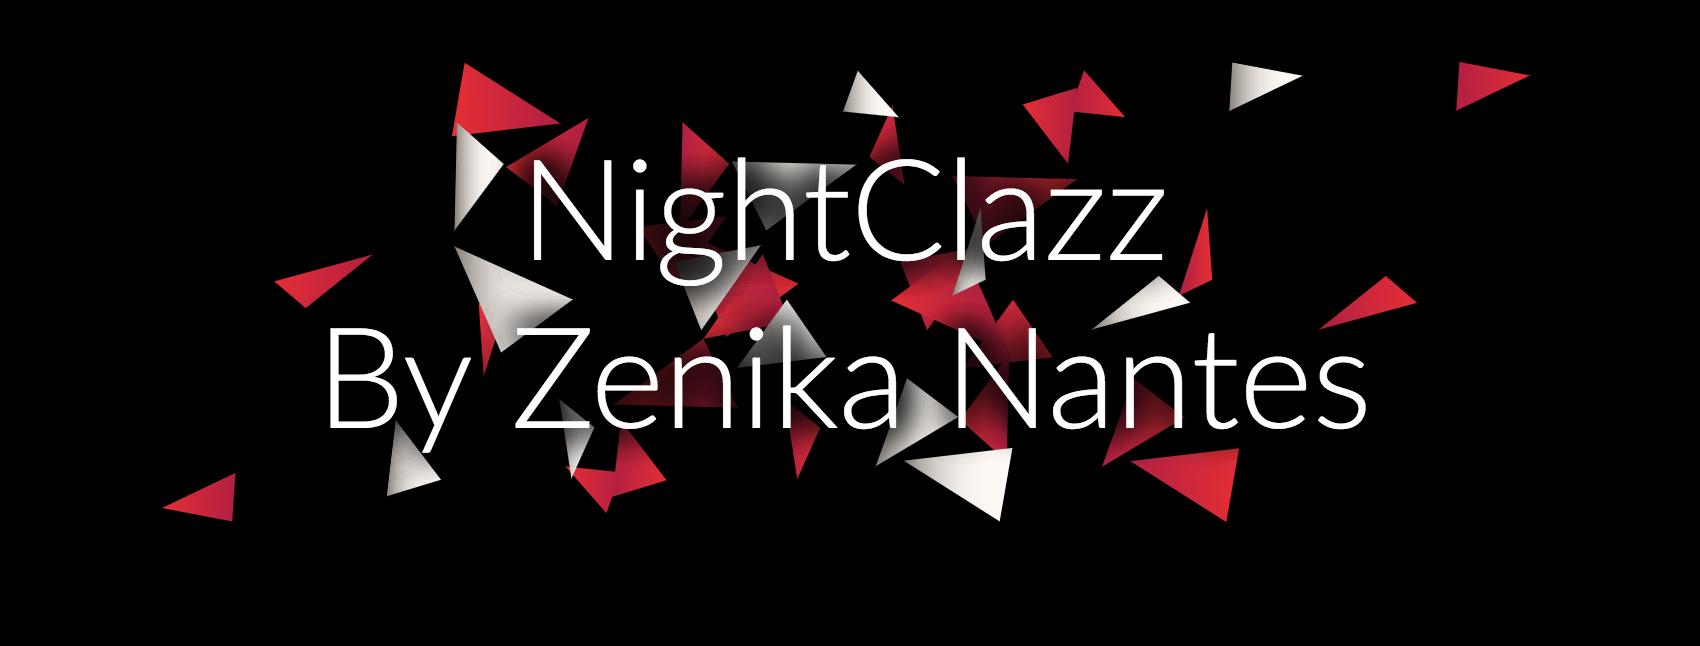 NightClazz by Zenika Nantes